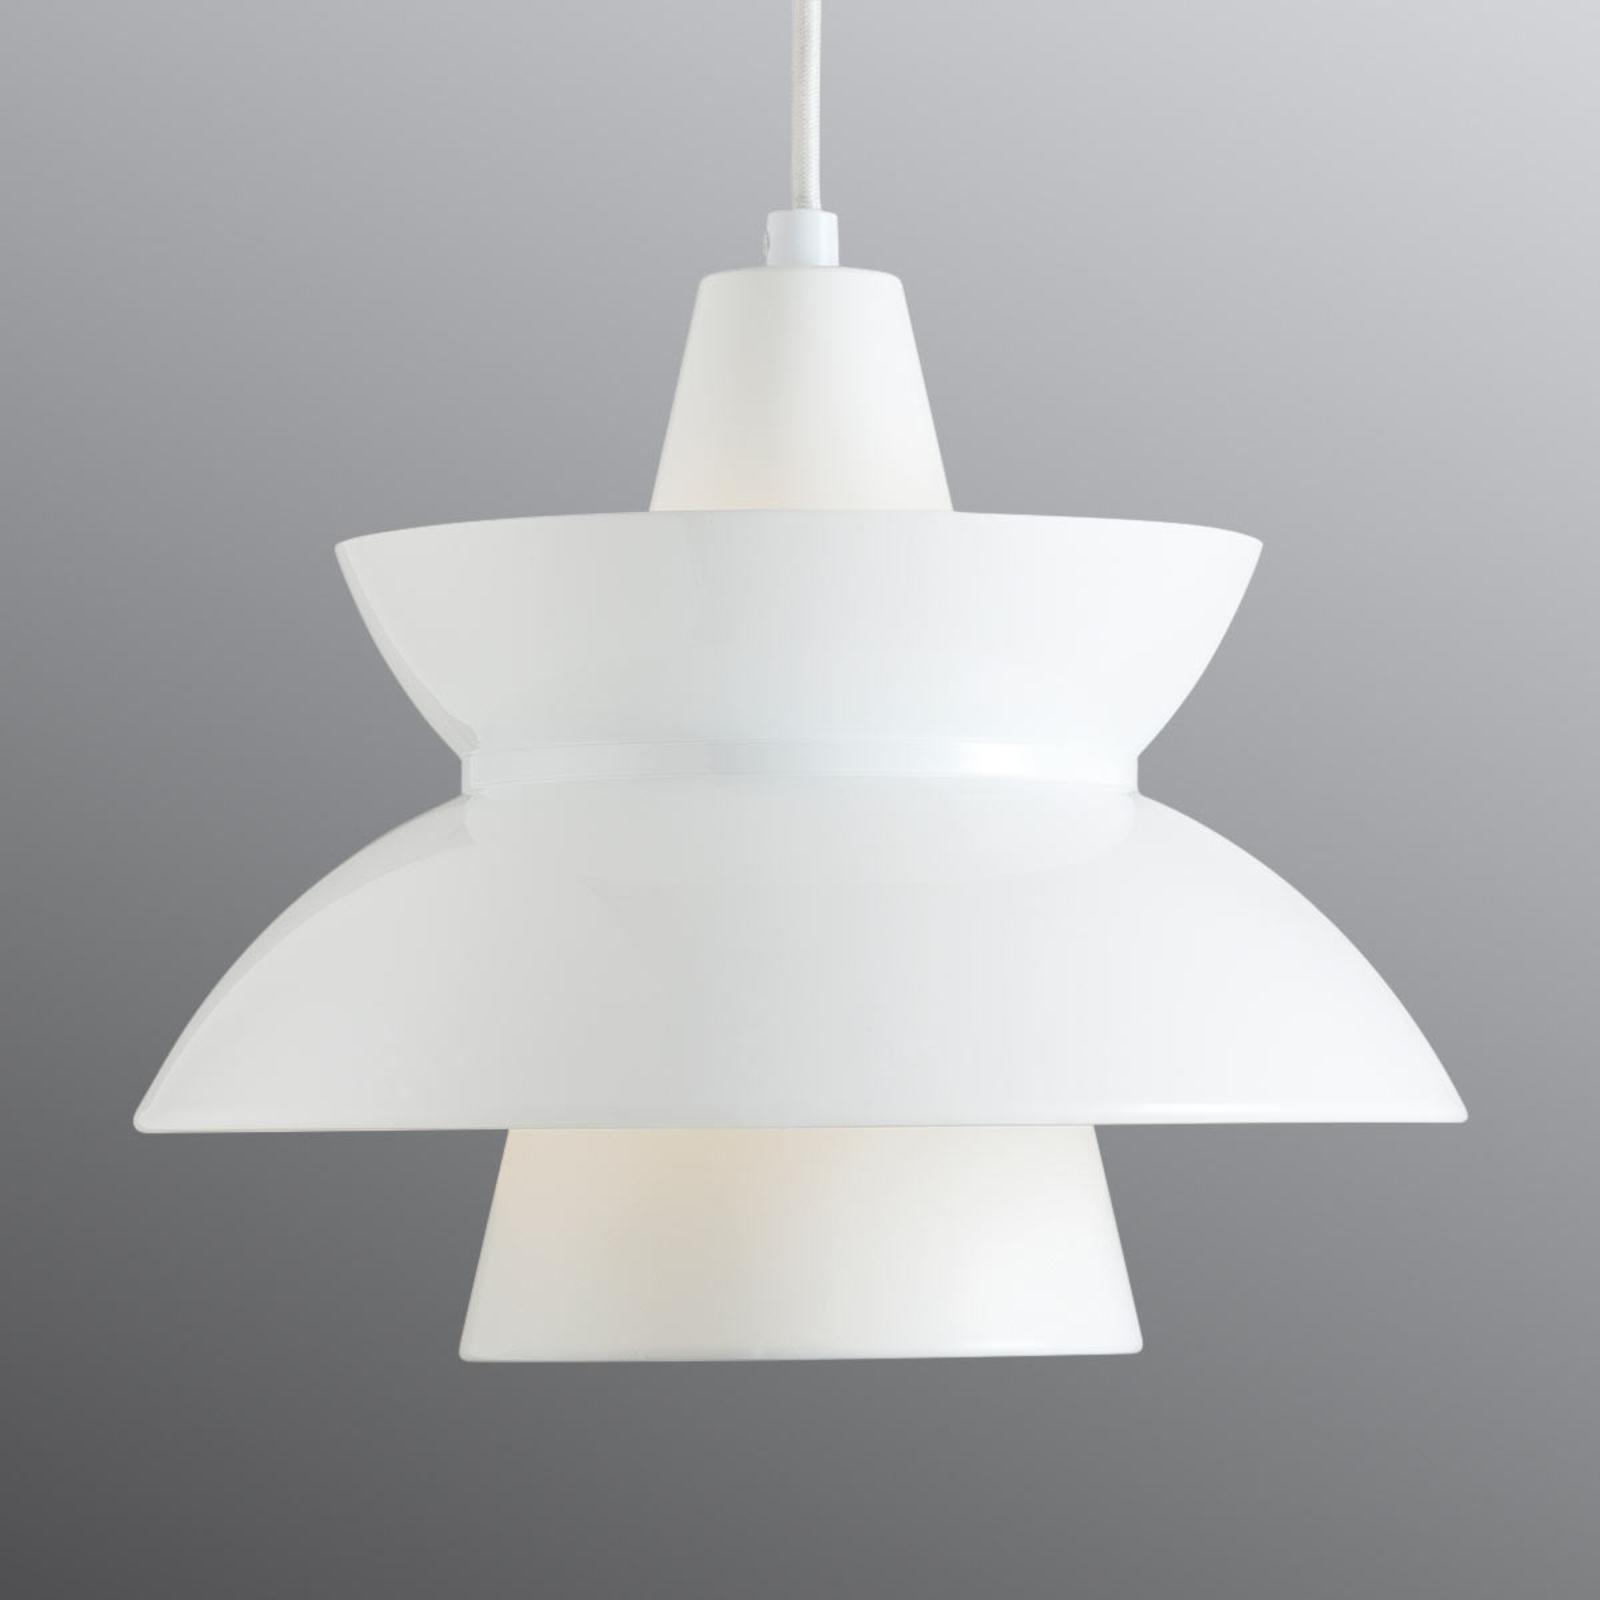 Hanglamp Doo-Wop met dubbele kap wit